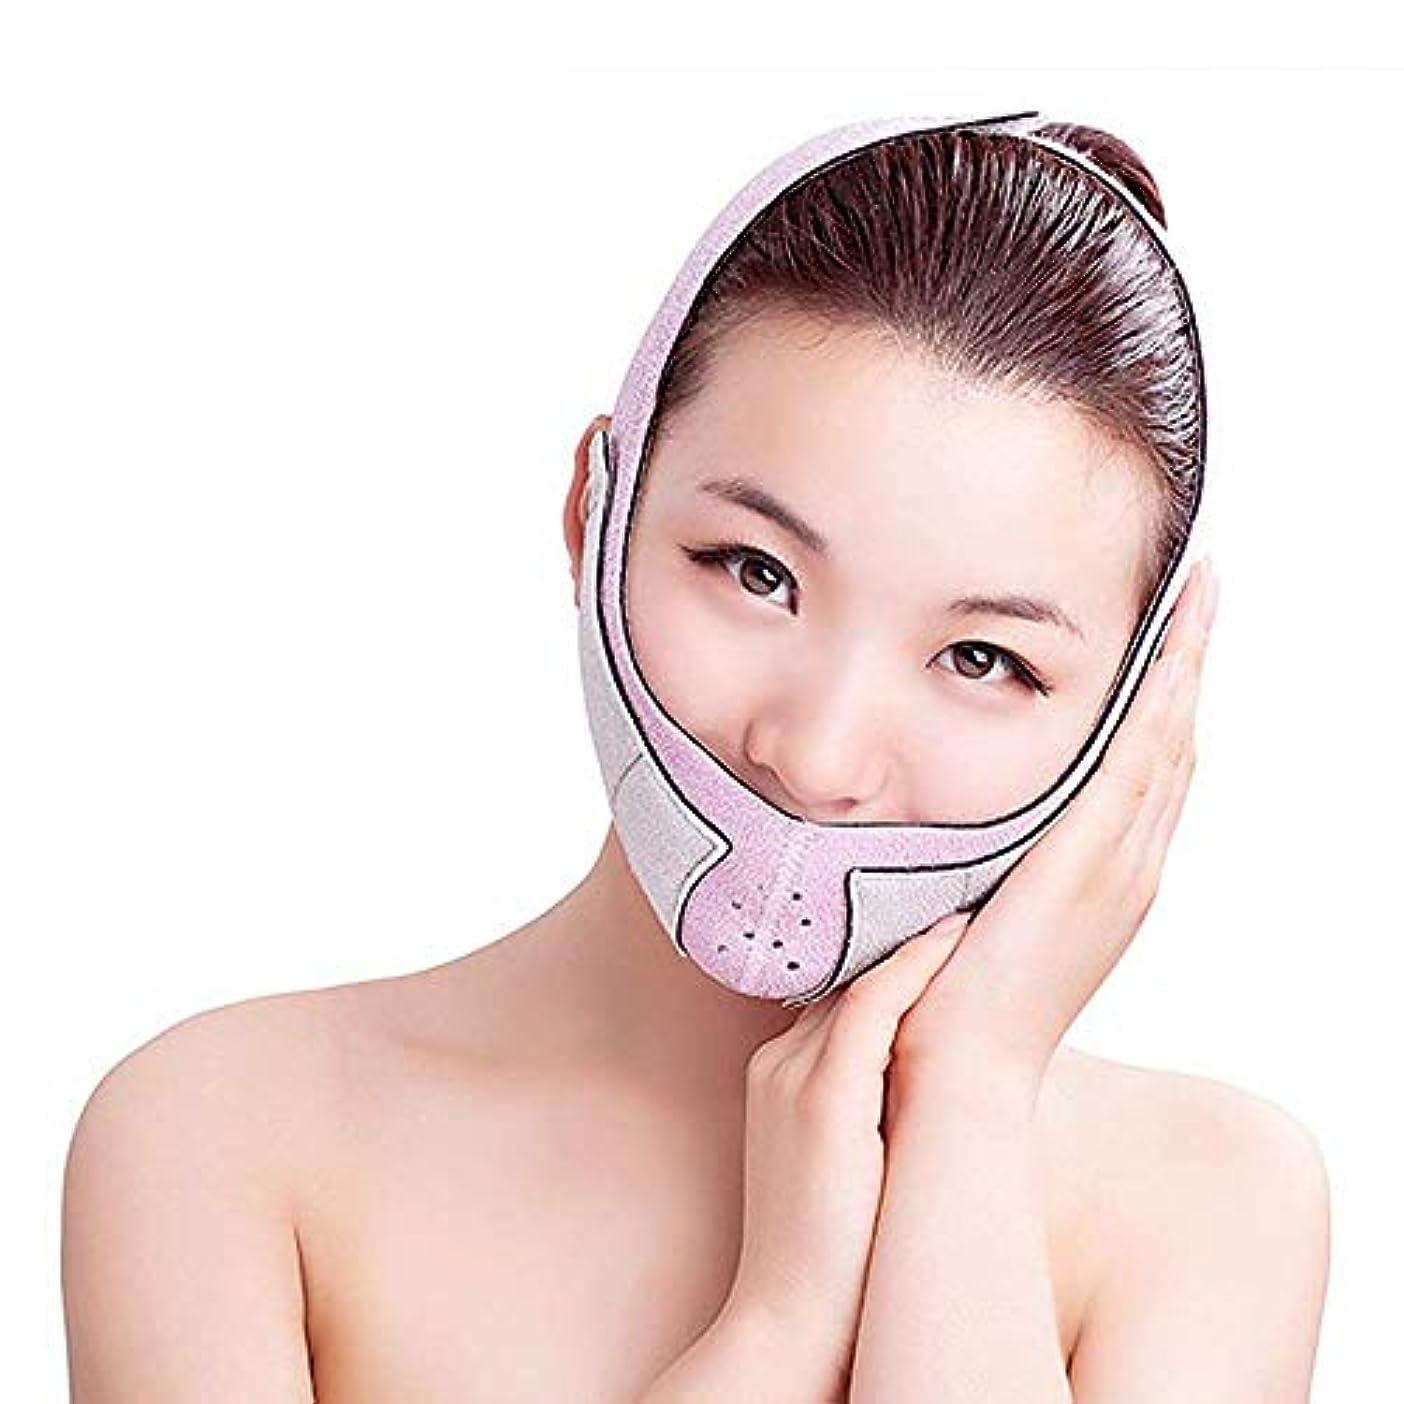 トランク破産必須薄い顔ベルト薄い顔ベルト通気性の補正3D薄い顔V顔ベルト包帯薄い顔アーティファクト (色 : B)